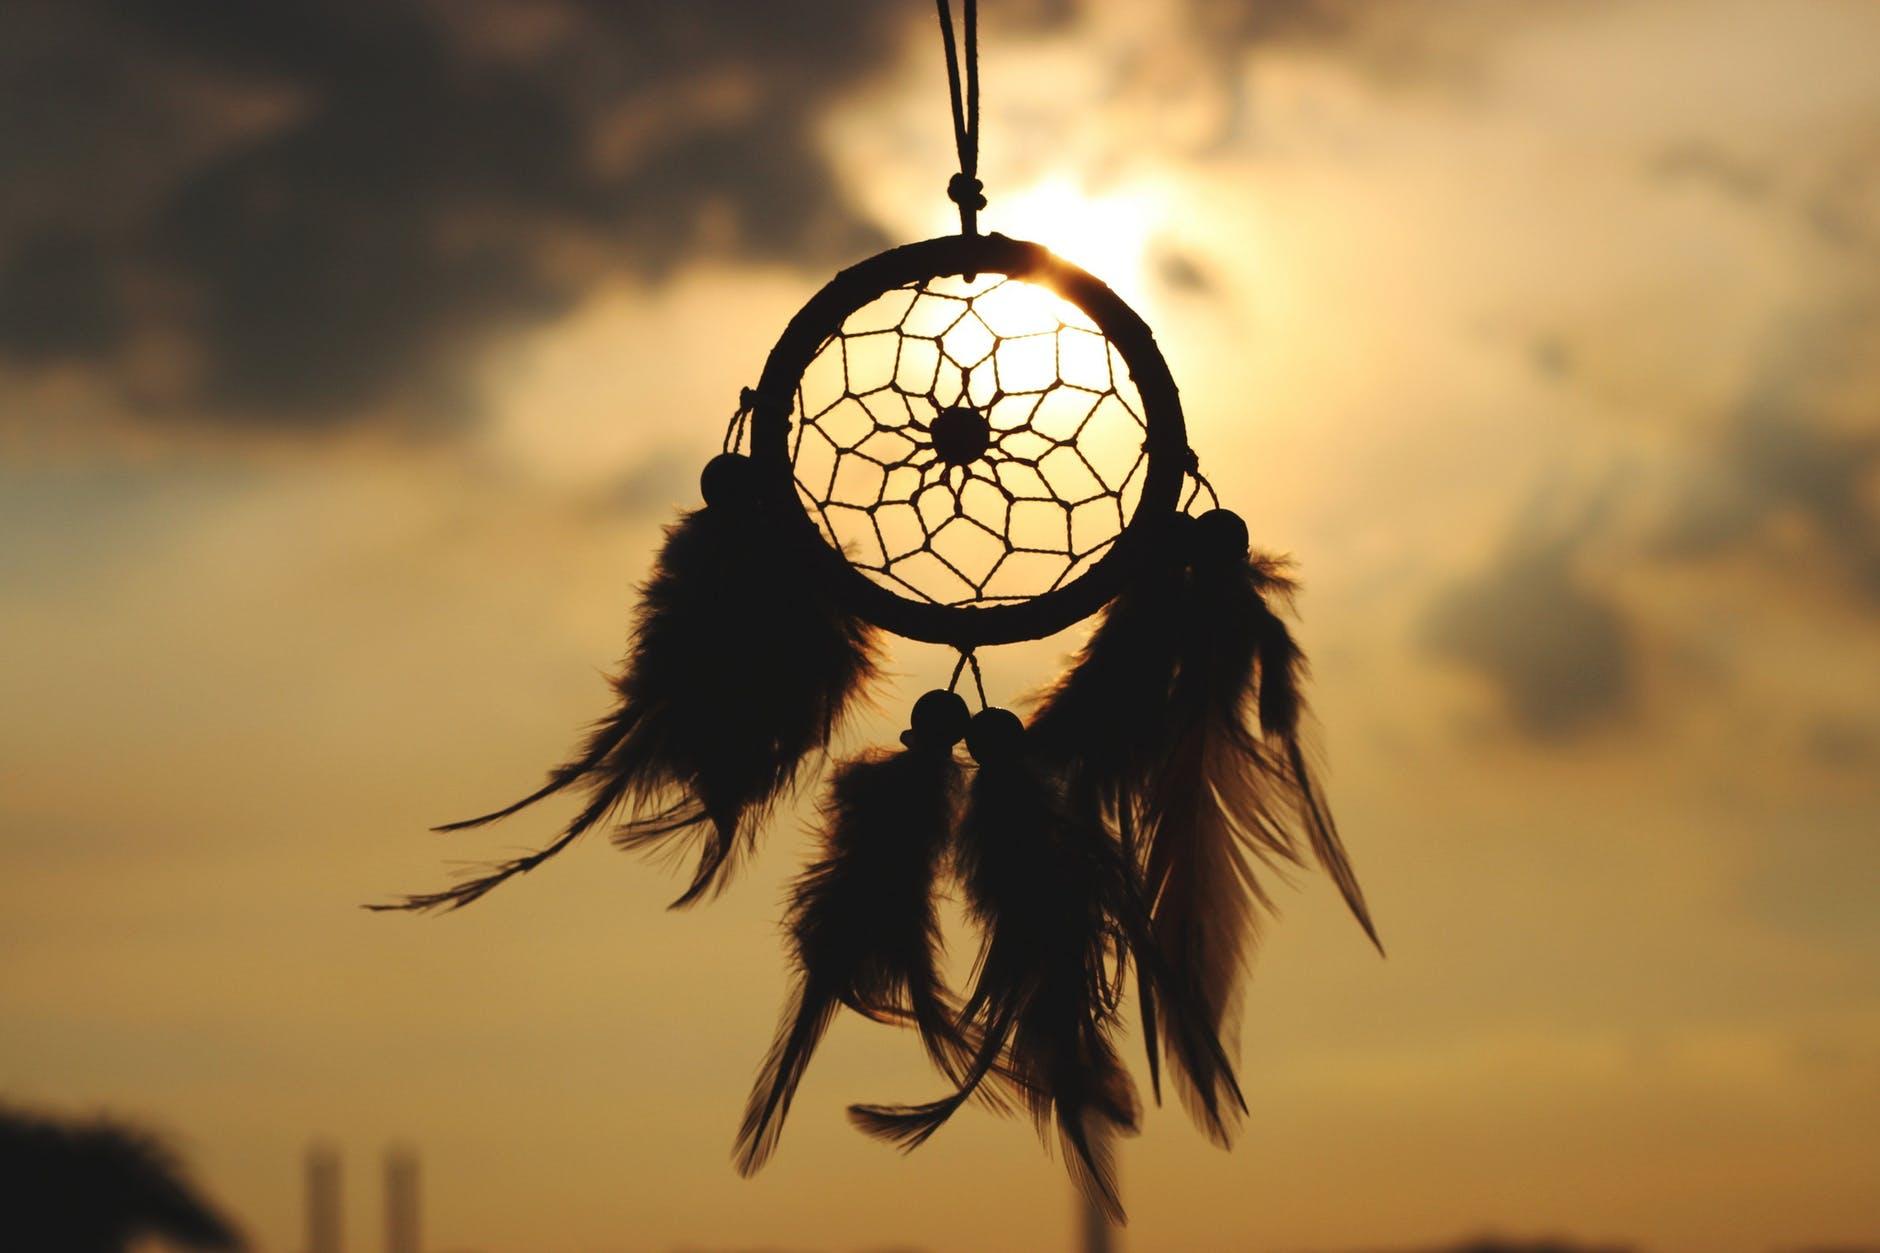 Dreamcatcher in darkened sky